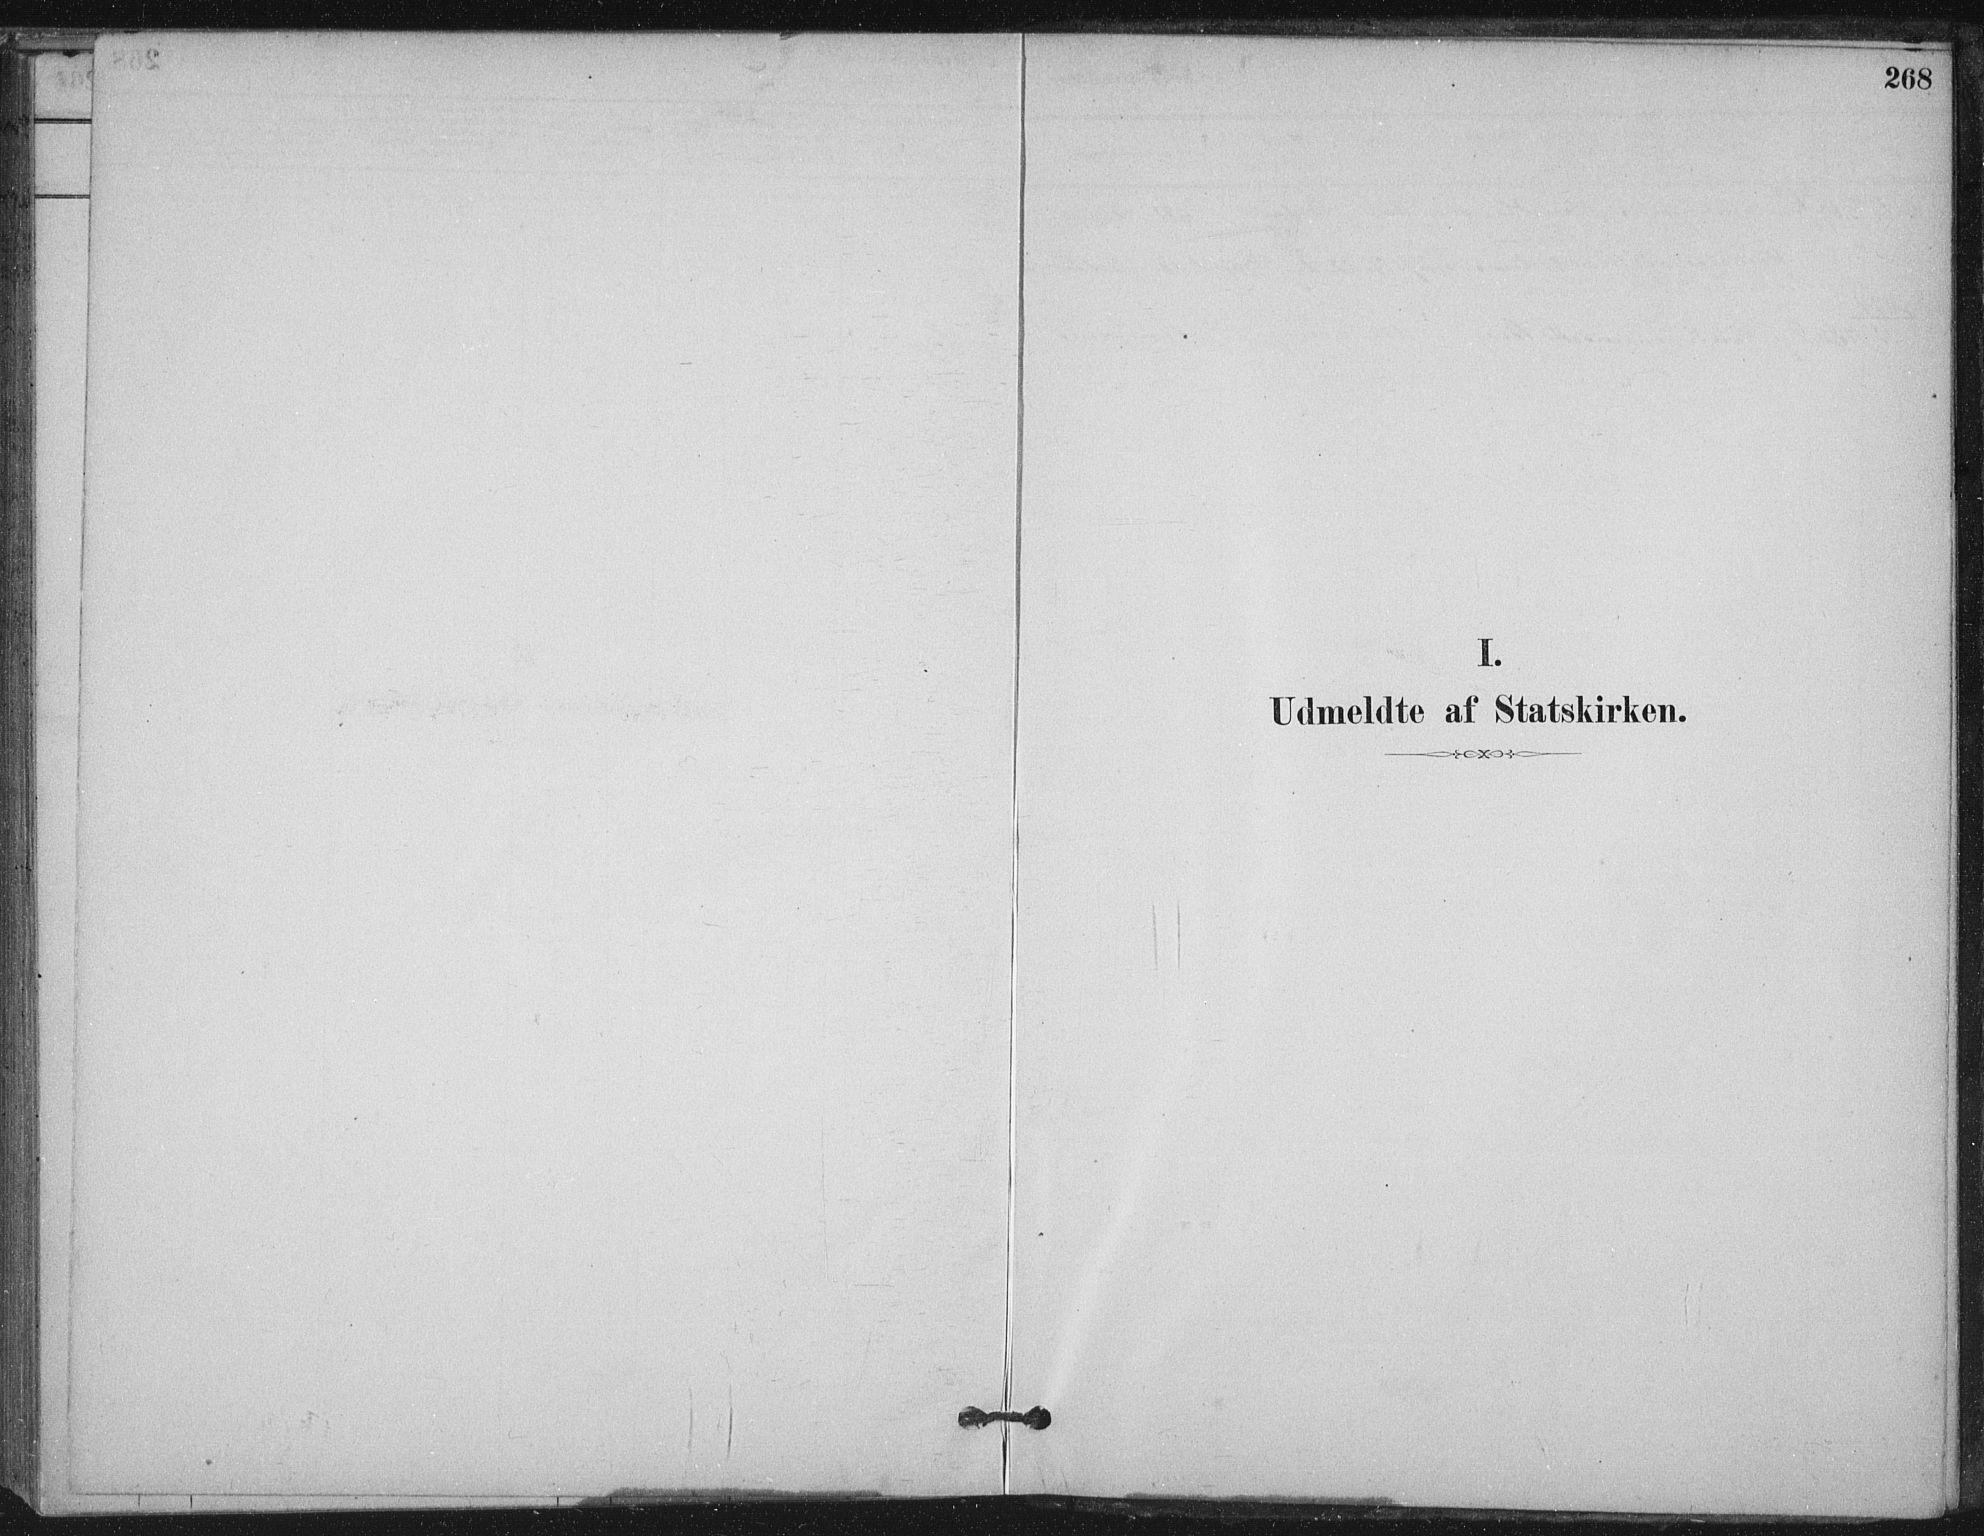 SAT, Ministerialprotokoller, klokkerbøker og fødselsregistre - Nord-Trøndelag, 710/L0095: Ministerialbok nr. 710A01, 1880-1914, s. 268